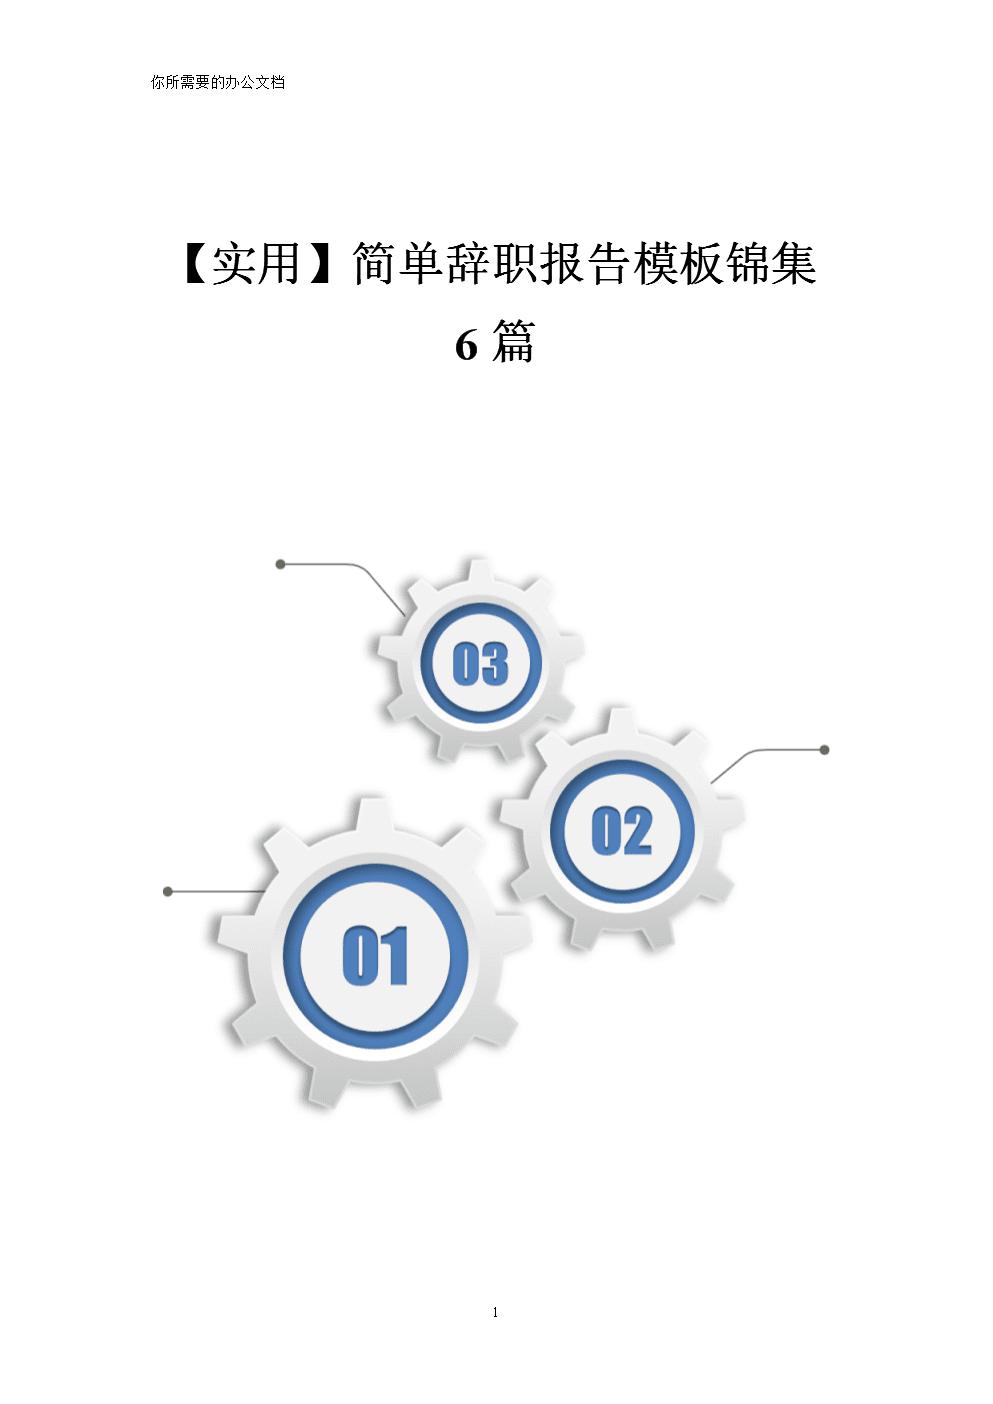 【实用】简单辞职报告模板锦集6篇.doc